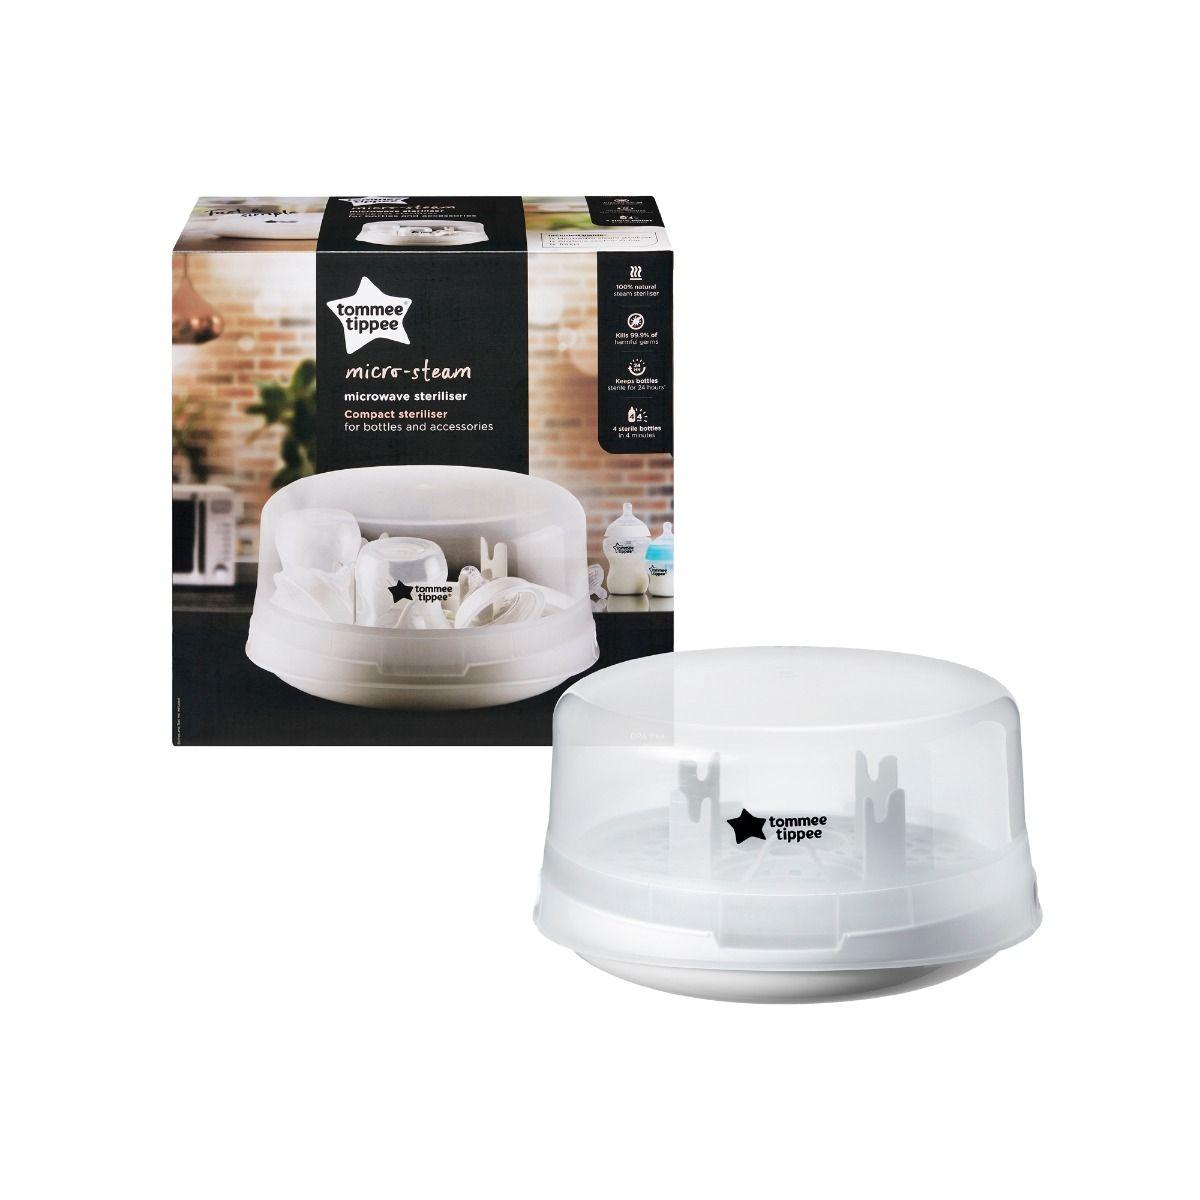 42361010_tt_microwave_steam_steriliser_product_pack